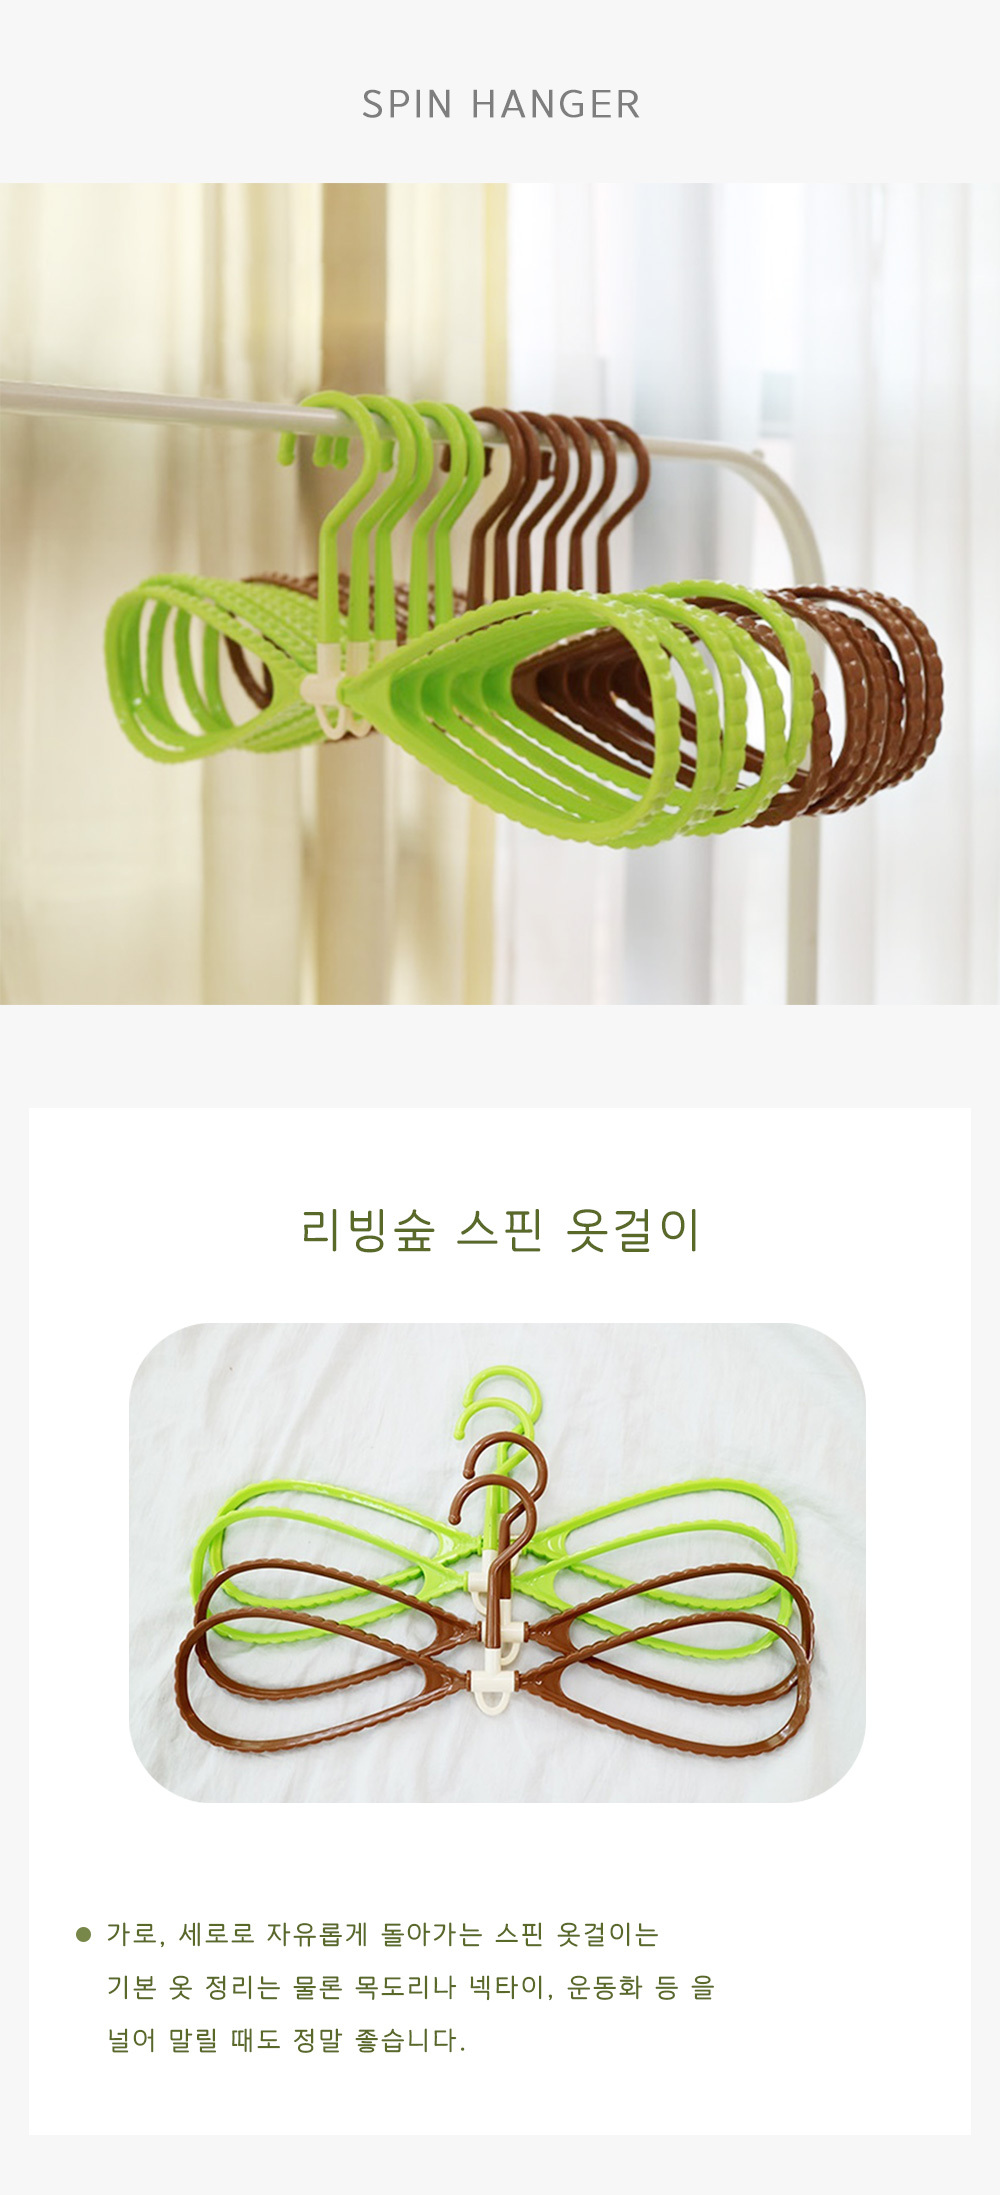 리빙숲 스핀 옷걸이 세트 - 리빙숲, 9,900원, 행거/드레스룸/옷걸이, 옷걸이/플라스틱